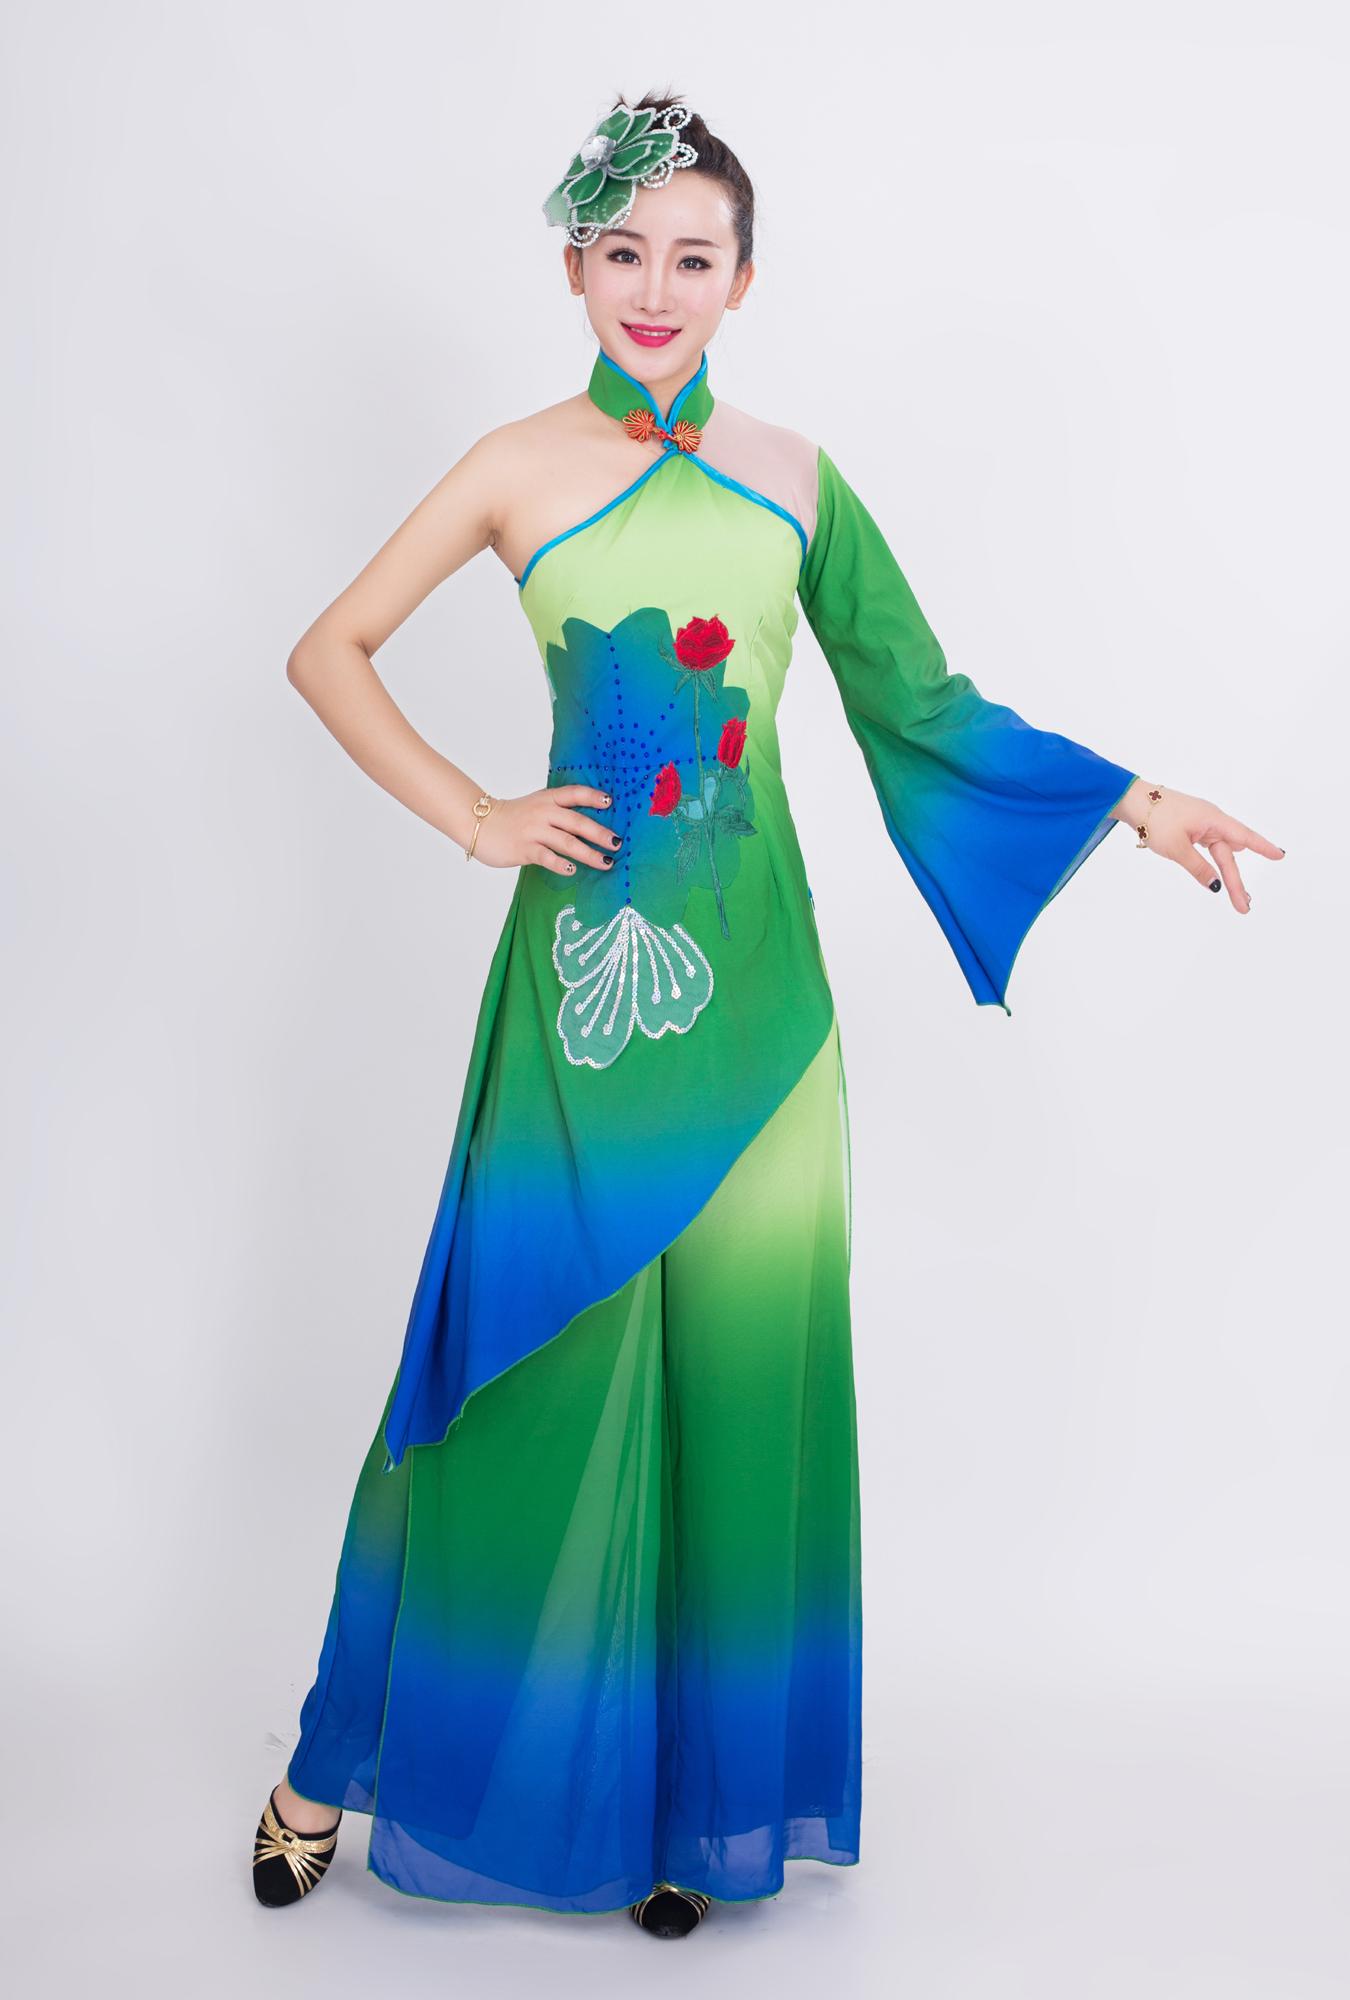 新款古典舞蹈服装女江南伞舞扇子舞演出服秀色民族表演服团扇飘逸